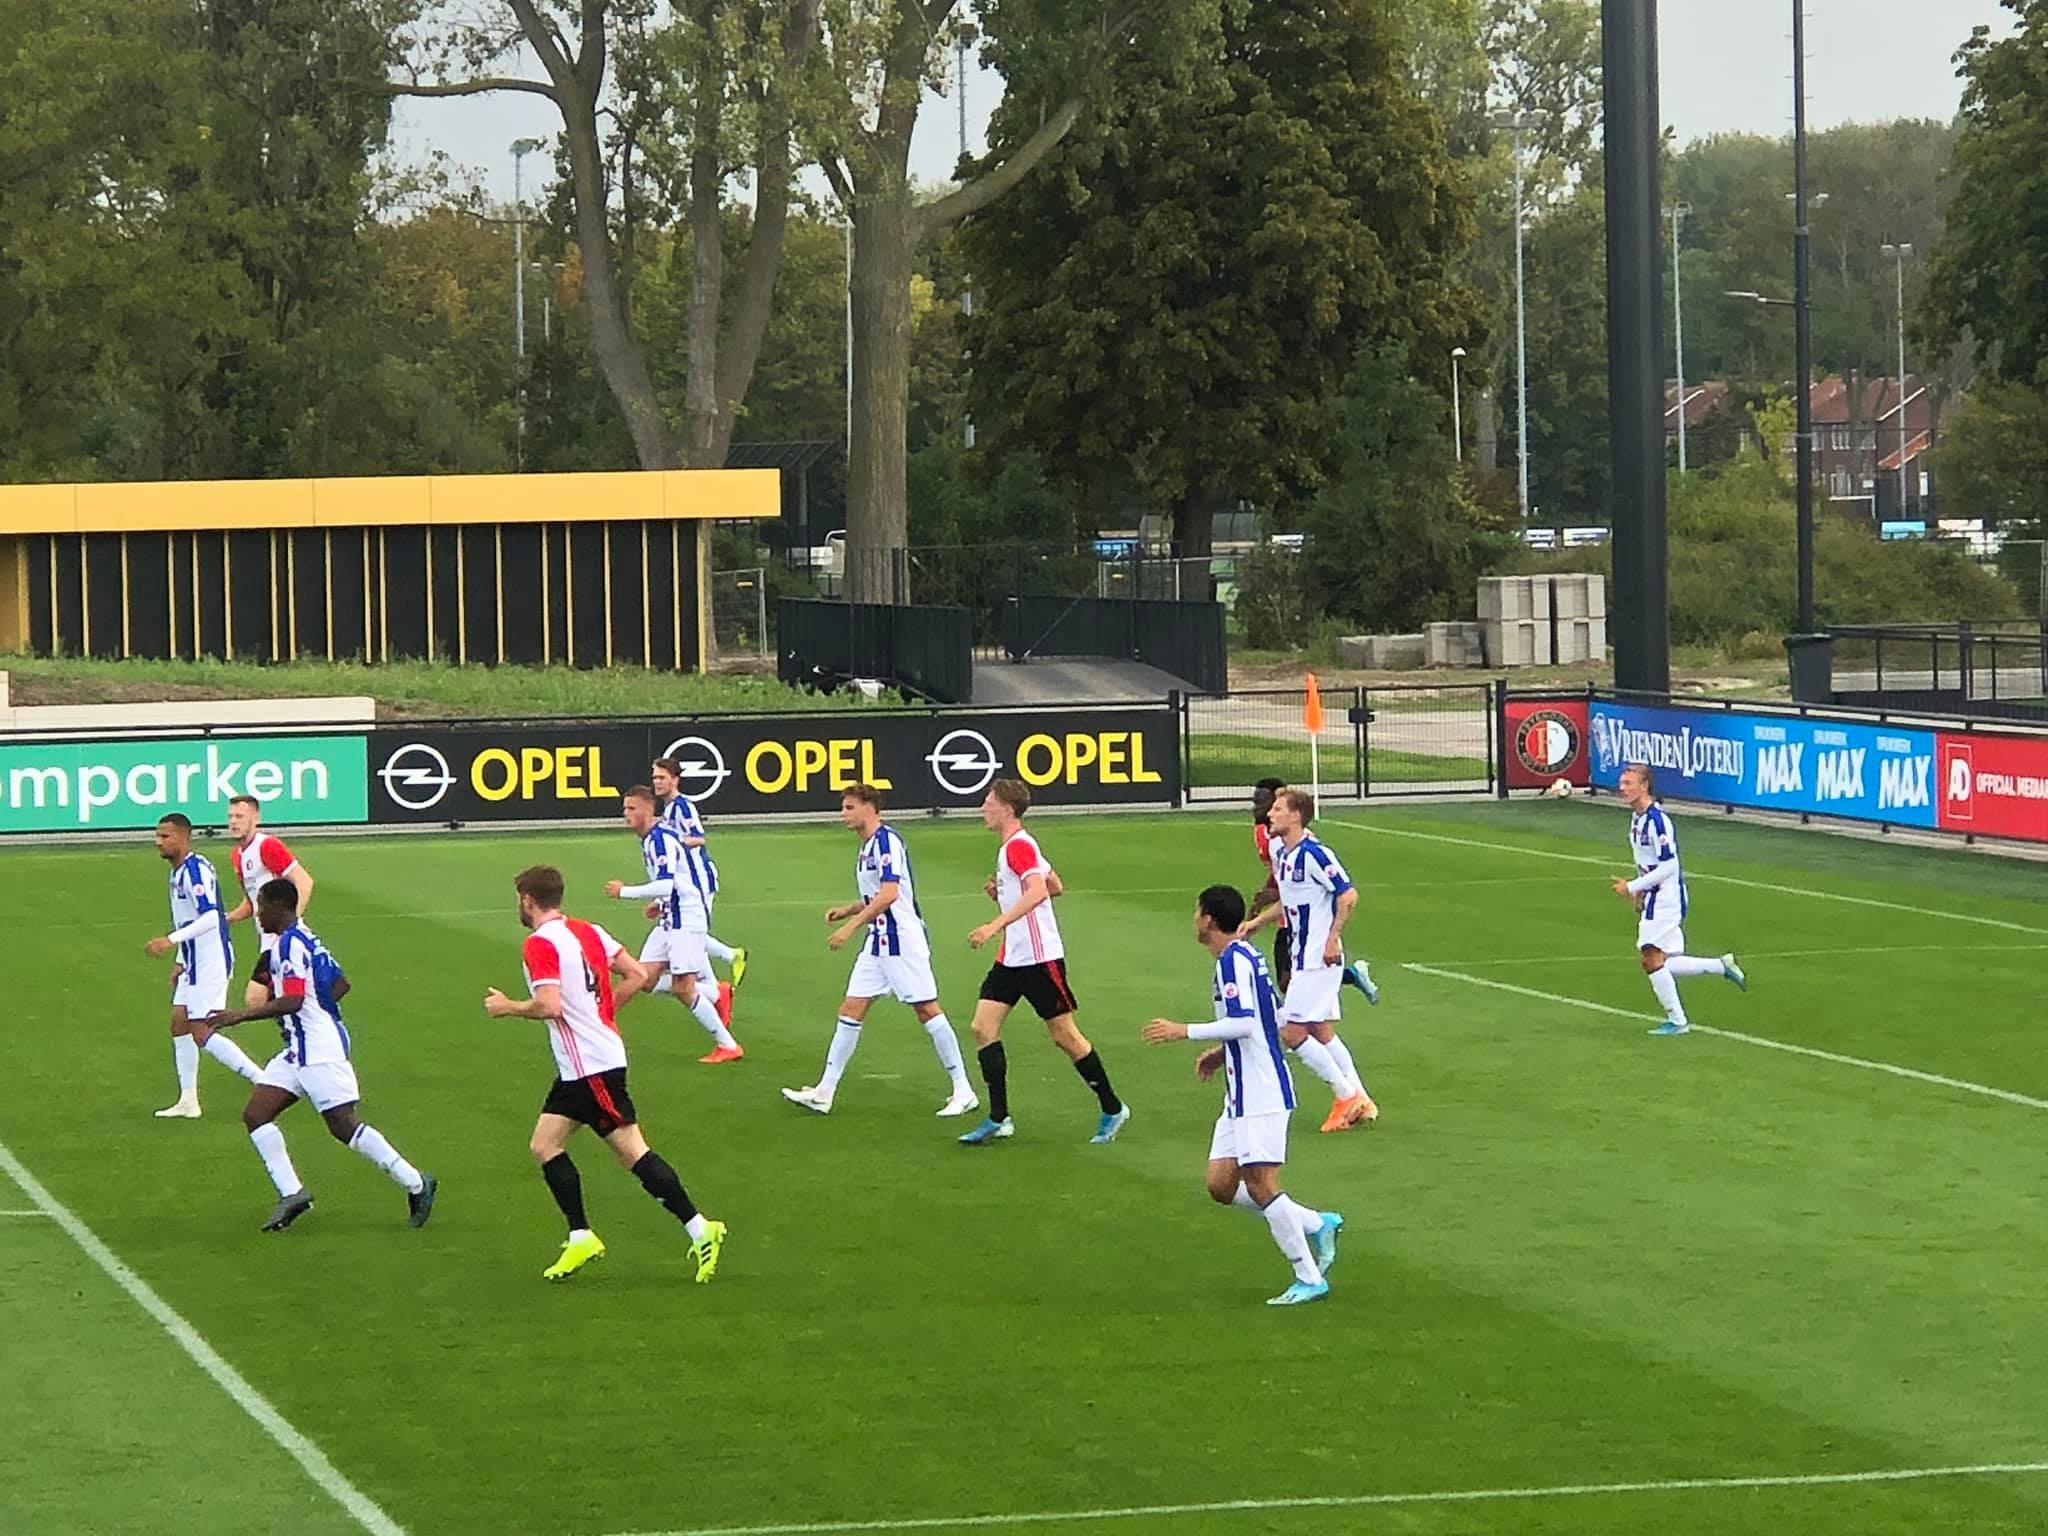 Đoàn Văn Hậu ra sân cùng đội trẻ Heerenveen, chính thức đạp cỏ trời Âu - Bóng Đá